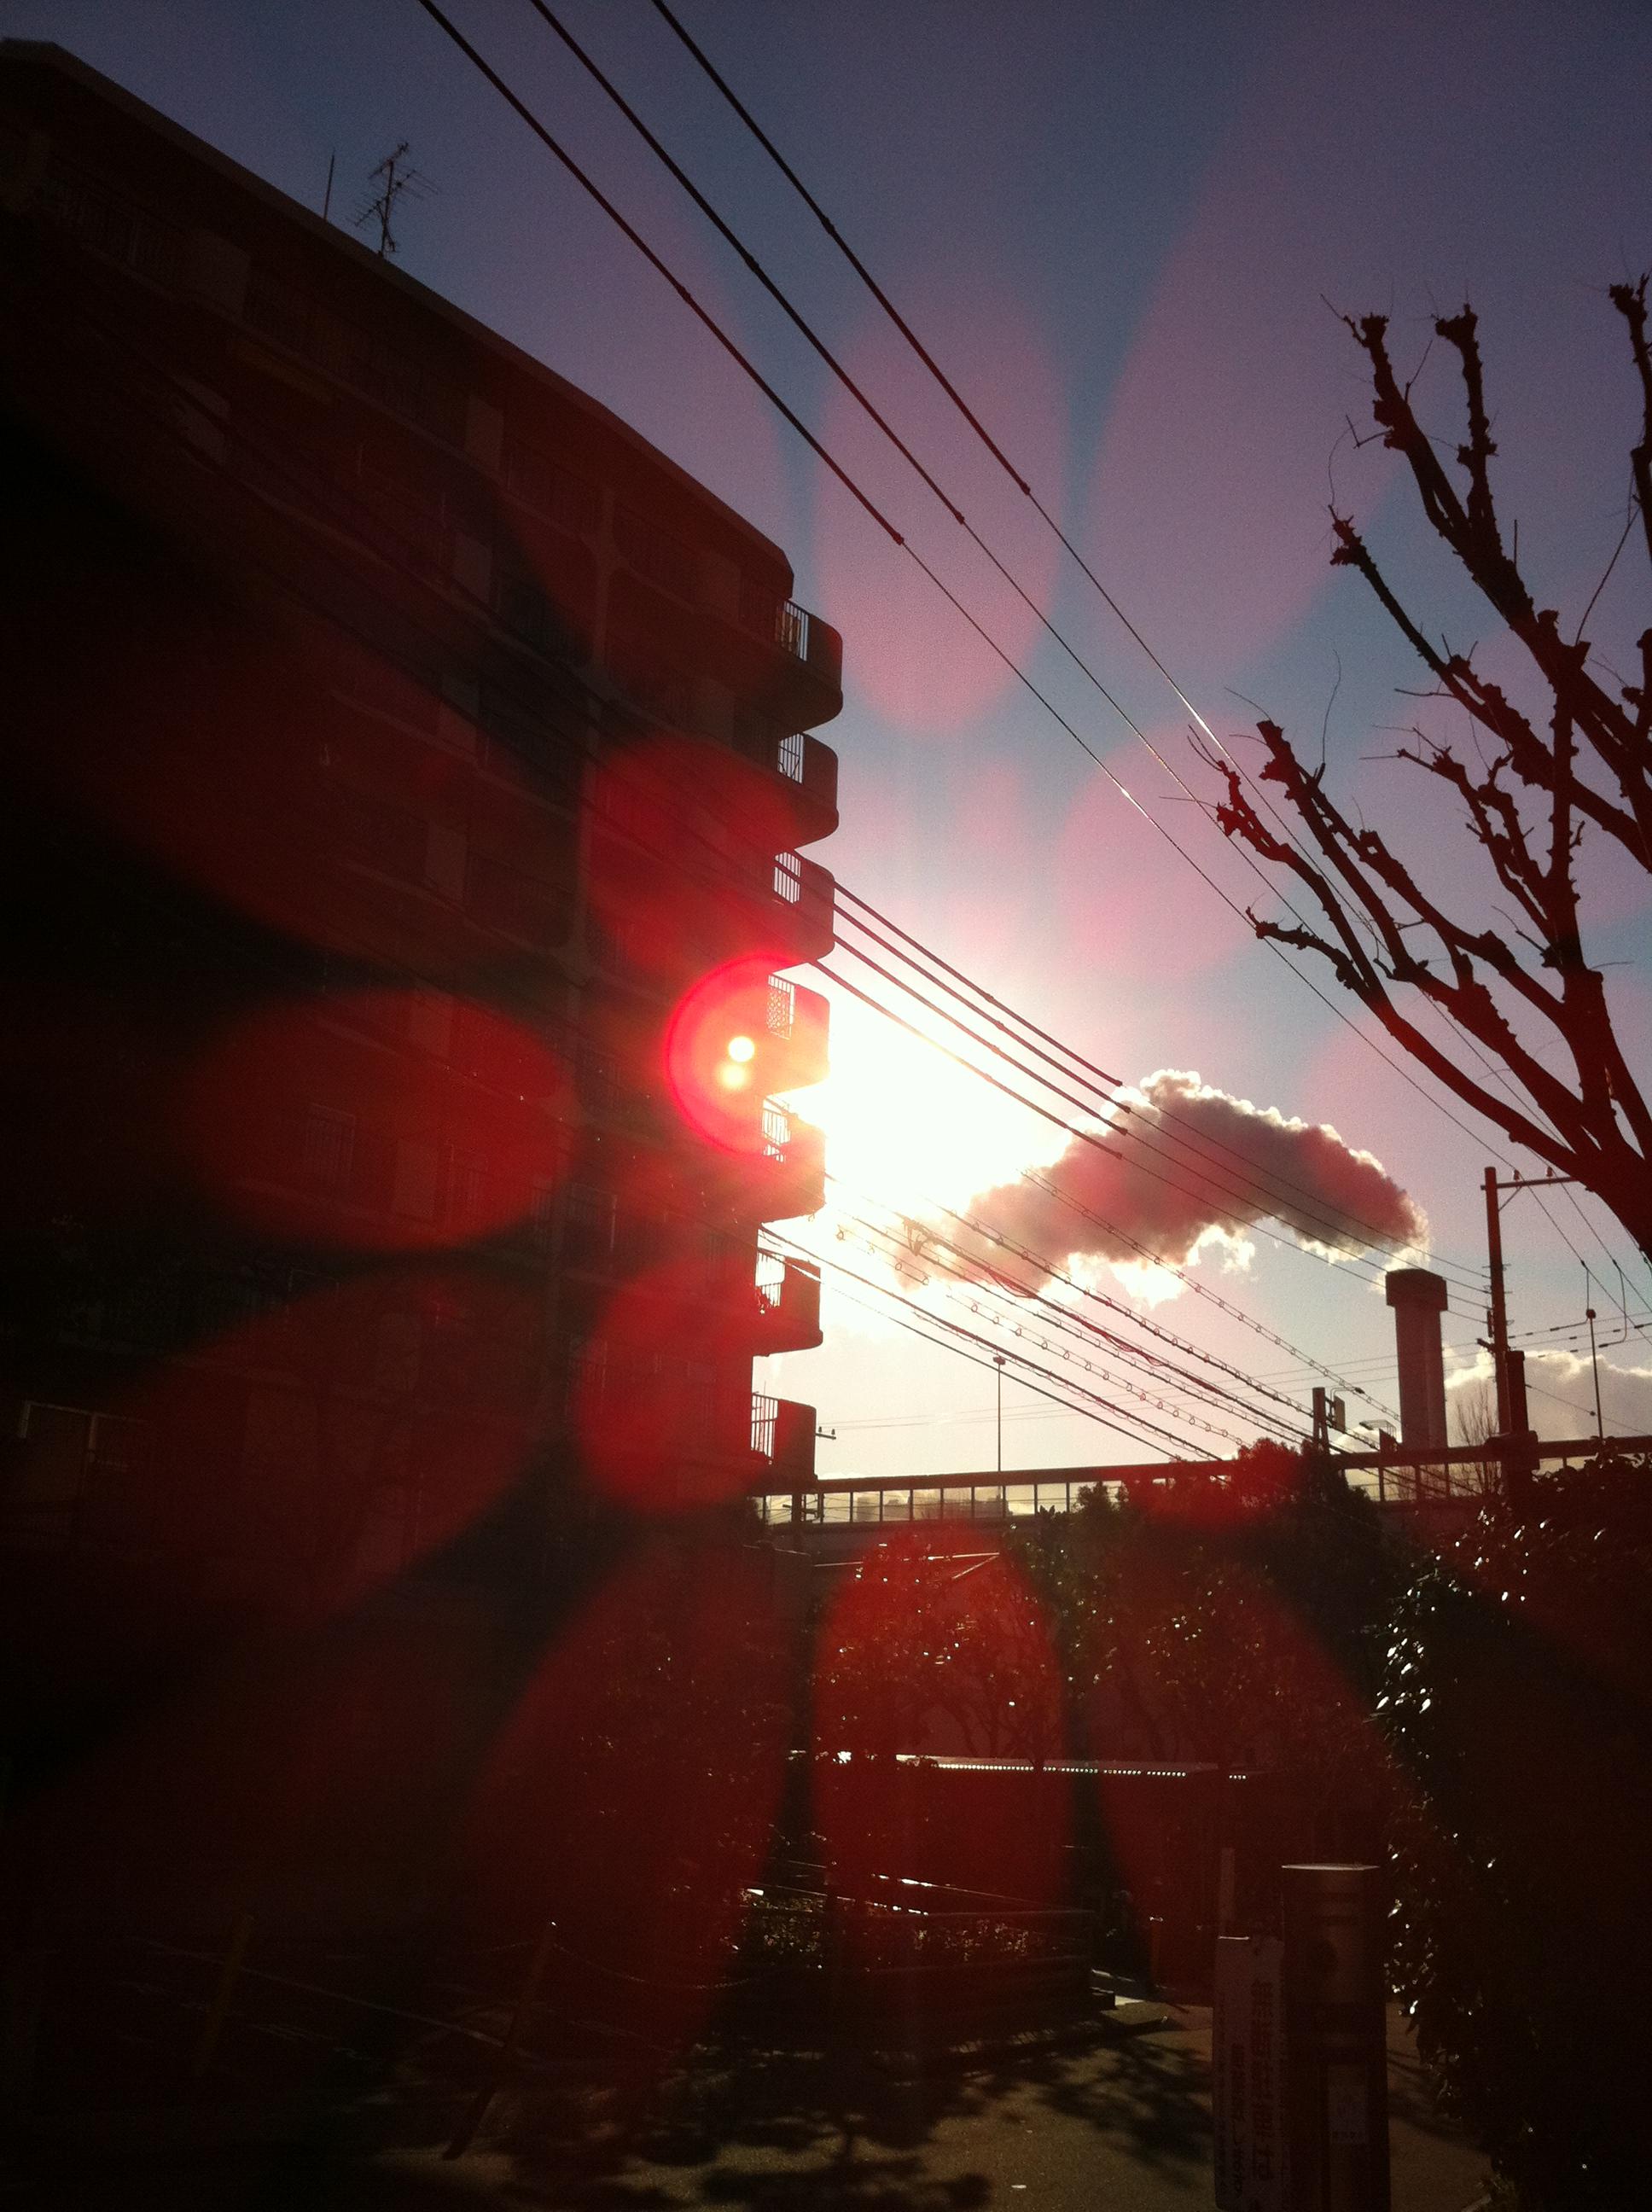 2012年2月日 綺麗な太陽です。 いつも何か光が入るのですが、 この頃、それが二つになっています